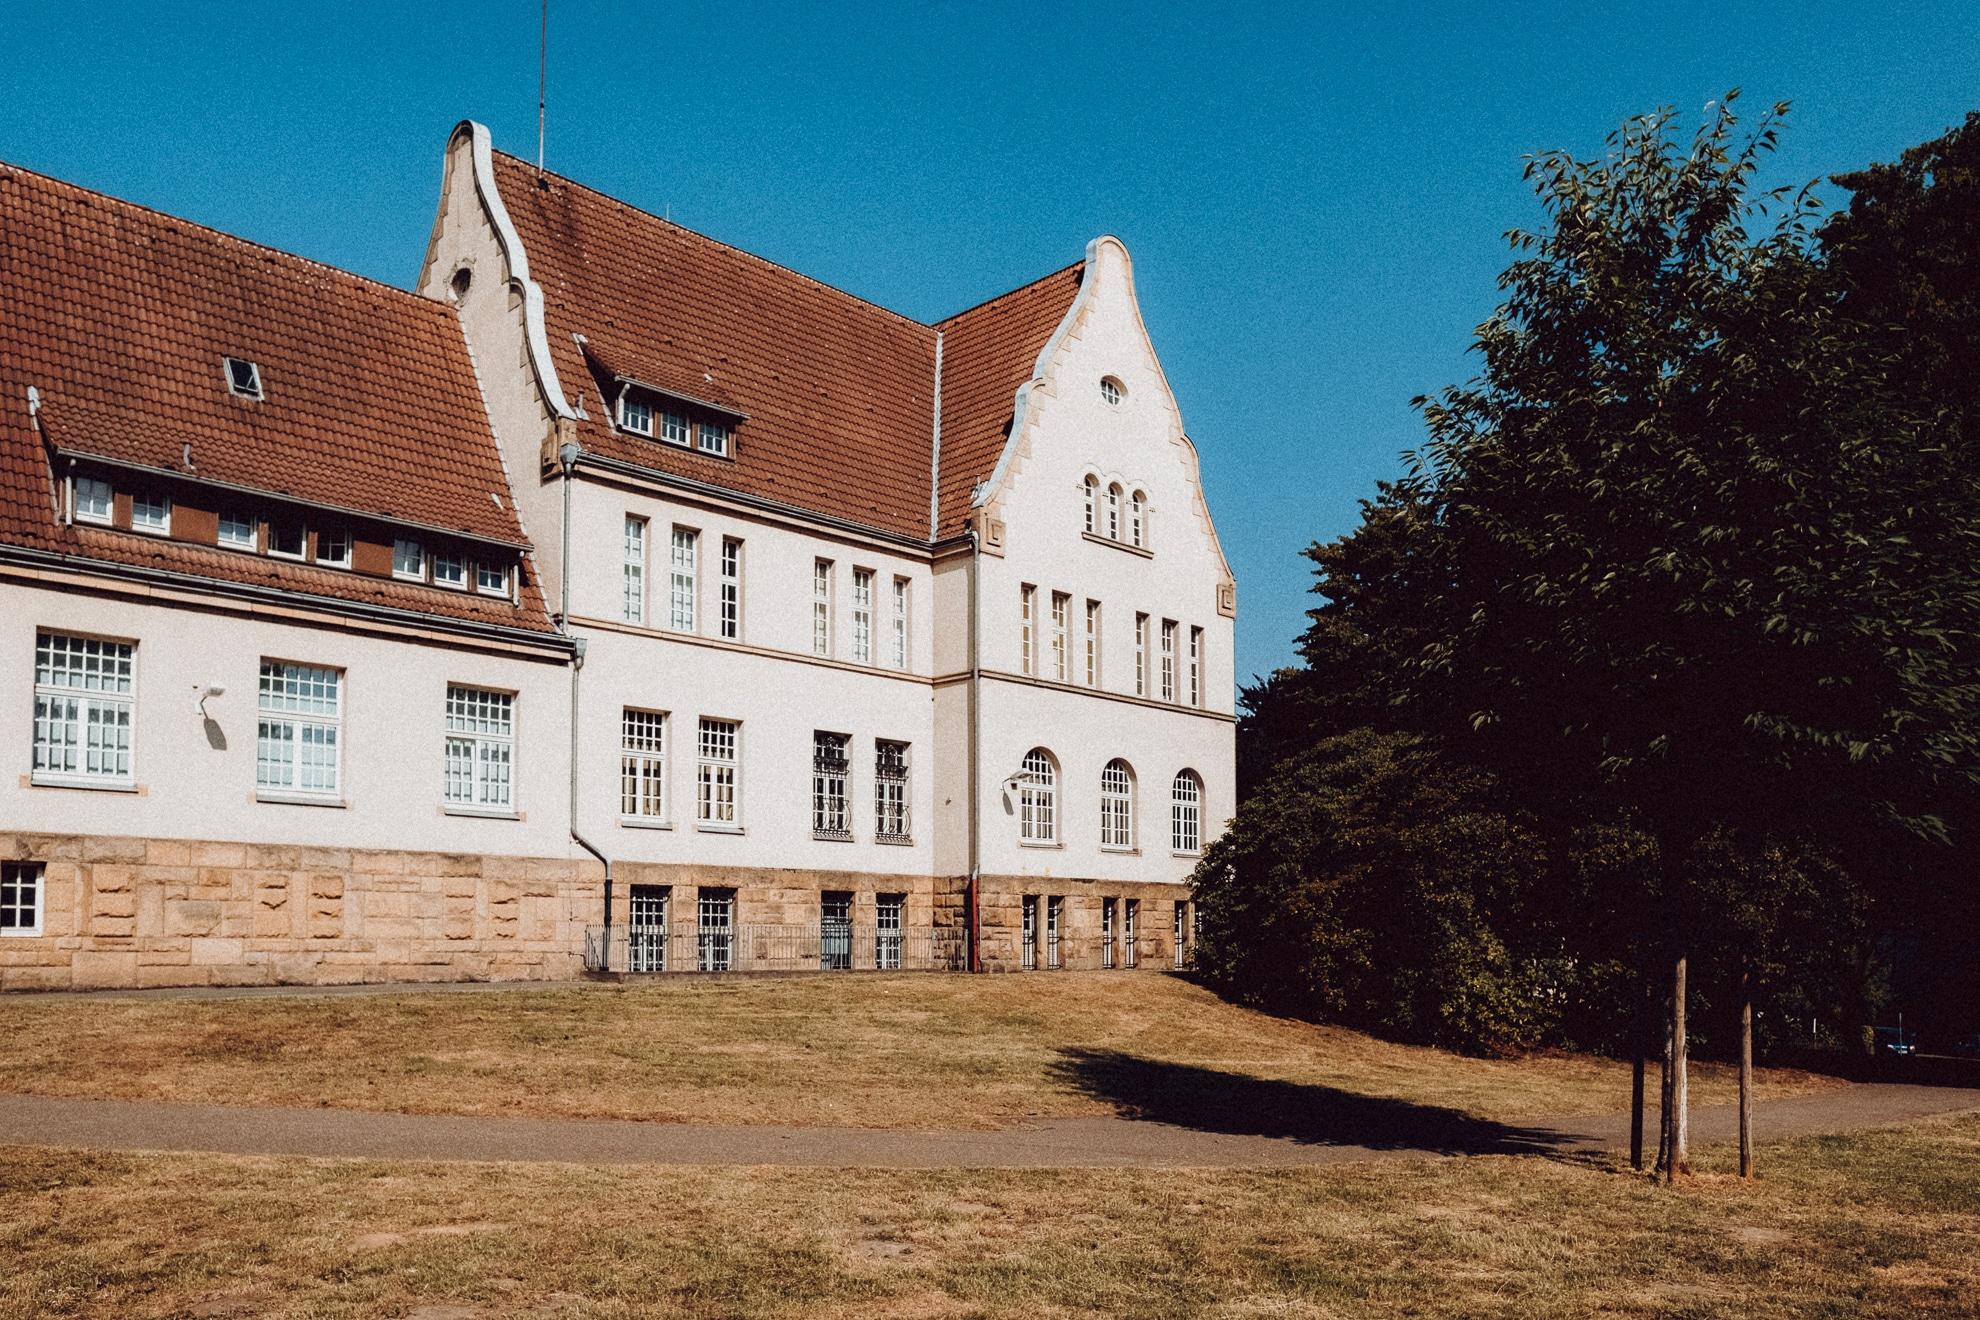 Hochzeitsfotograf-essen-location-alter-bahnhof-lukas-hochzeitsreporate